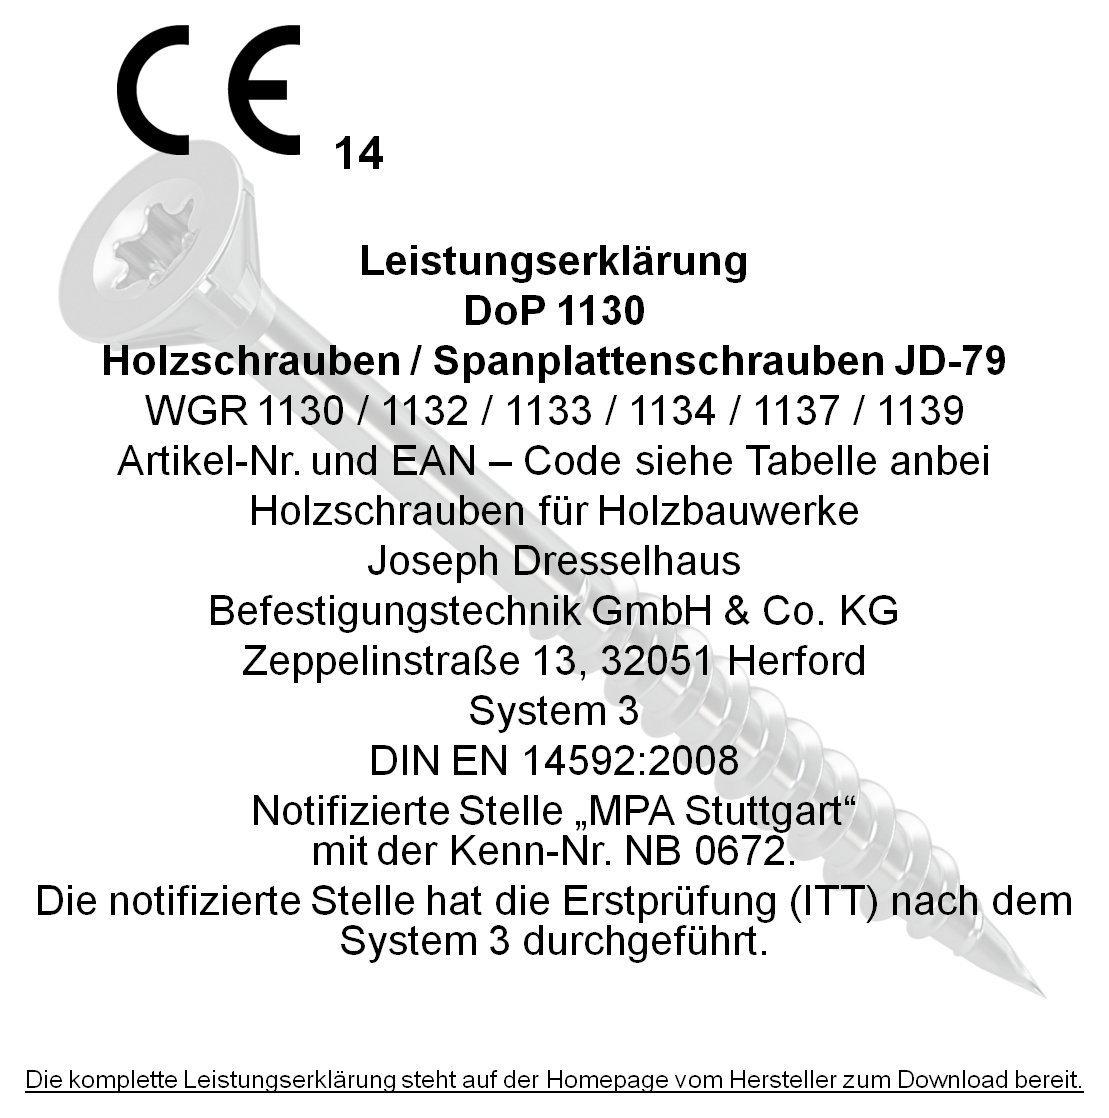 Spanplattenschrauben 4,0 x 50-500 St/ück JD-79 Schrauben I-Stern Torx Holzschrauben